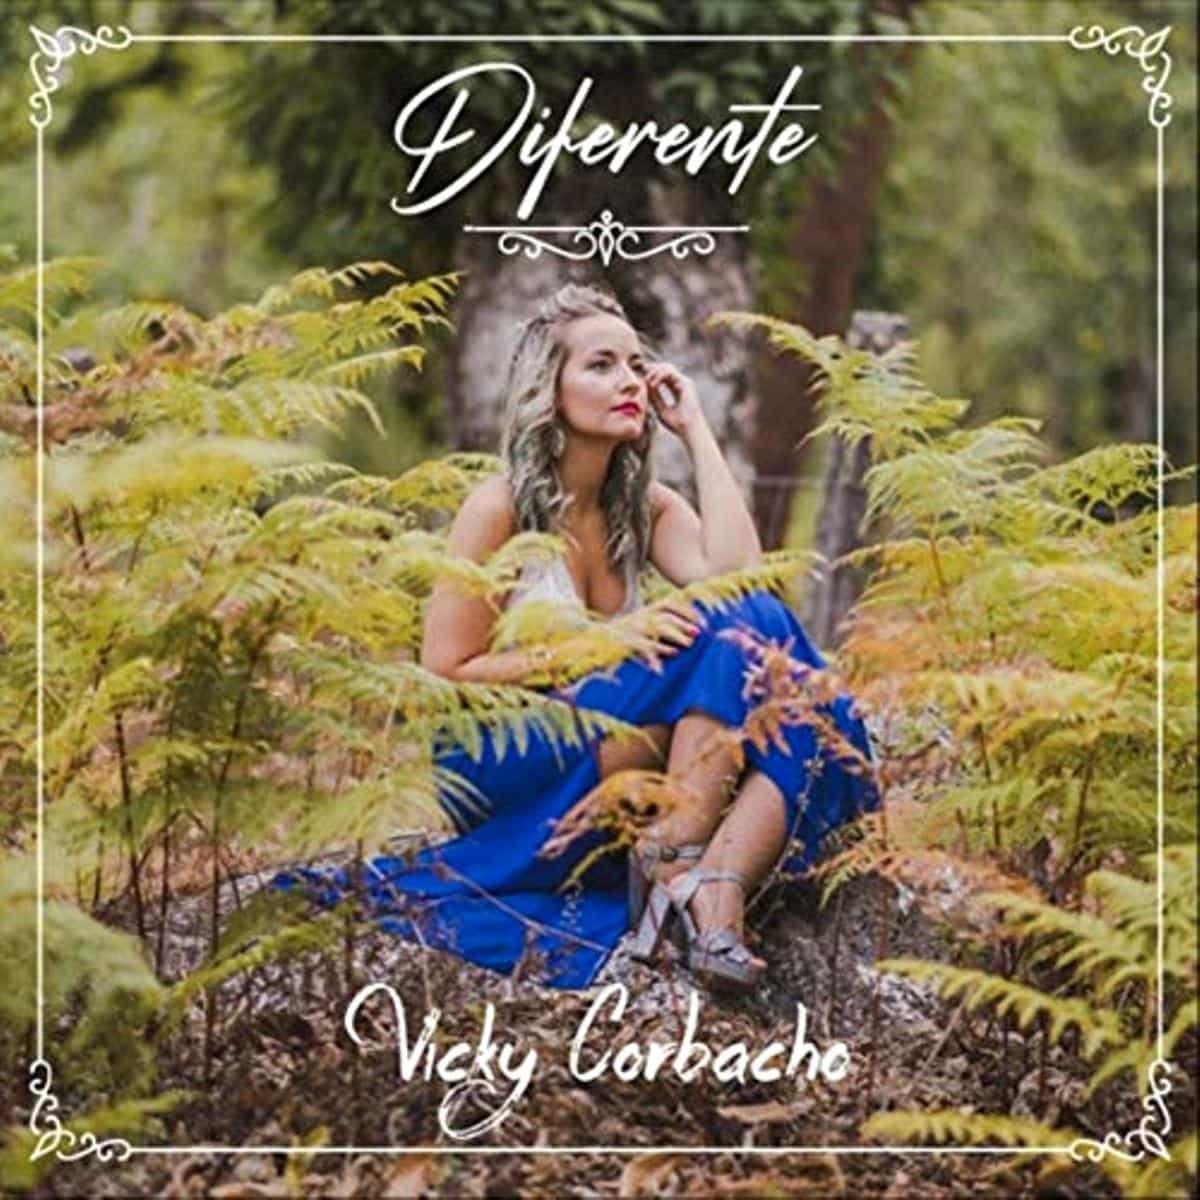 Vicky Corbacho veröffentlicht neues Salsa-Album Diferente